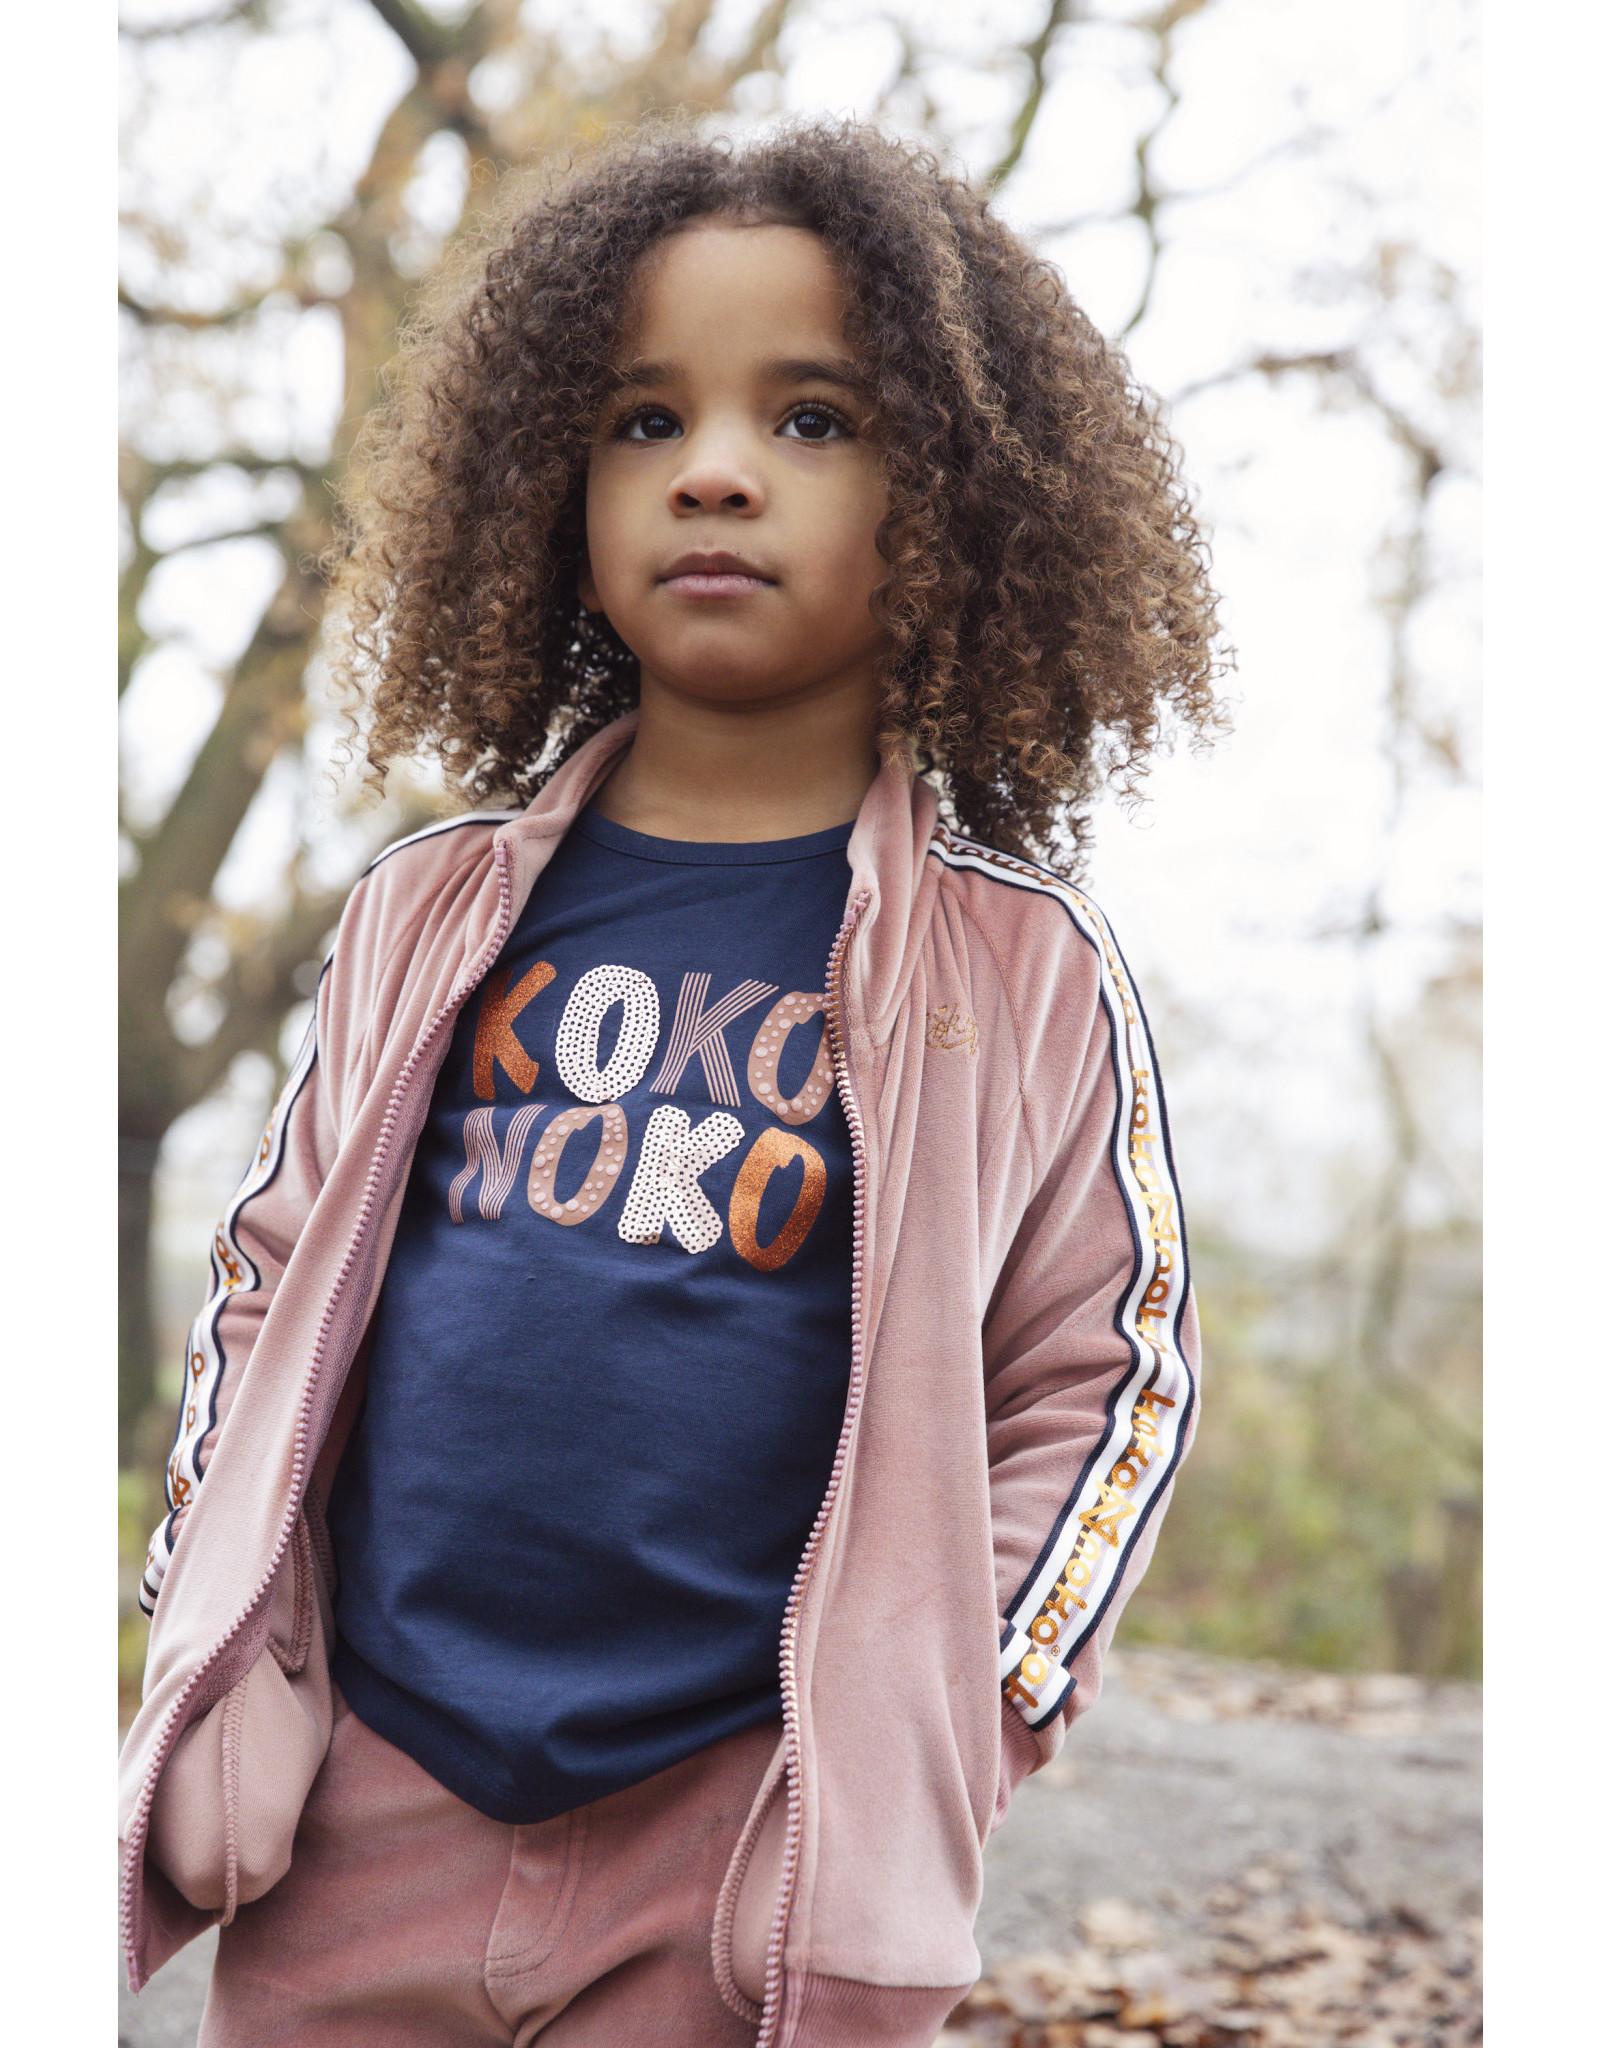 Koko Noko Girls T-shirt ls Navy